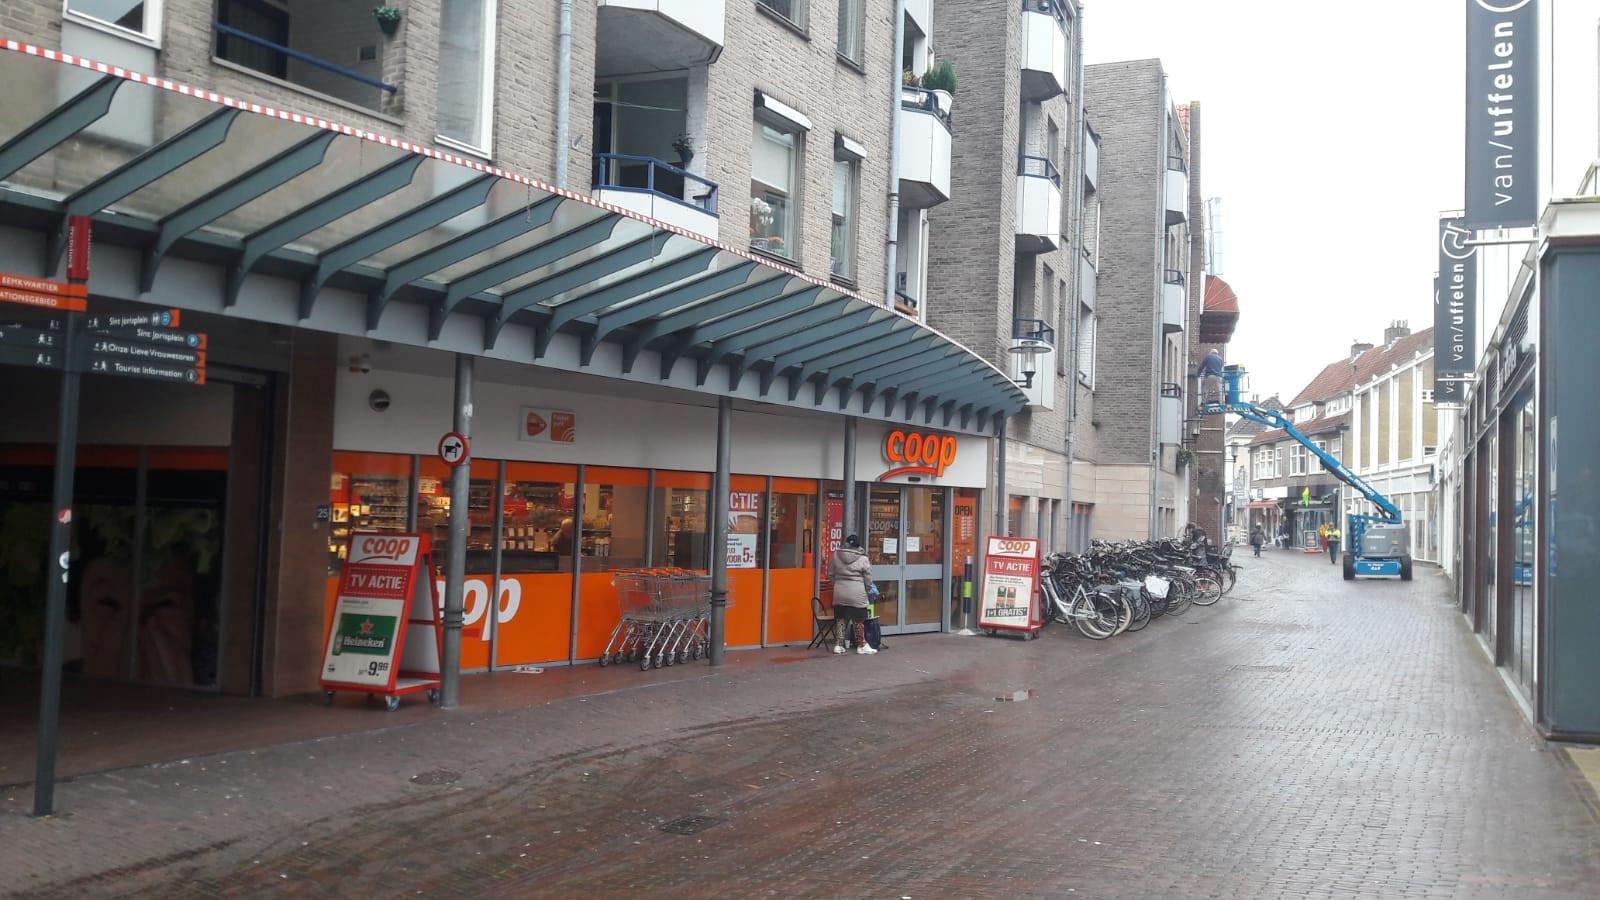 De poging tot verkrachting vond plaats in de Hellestraat in Amersfoort.